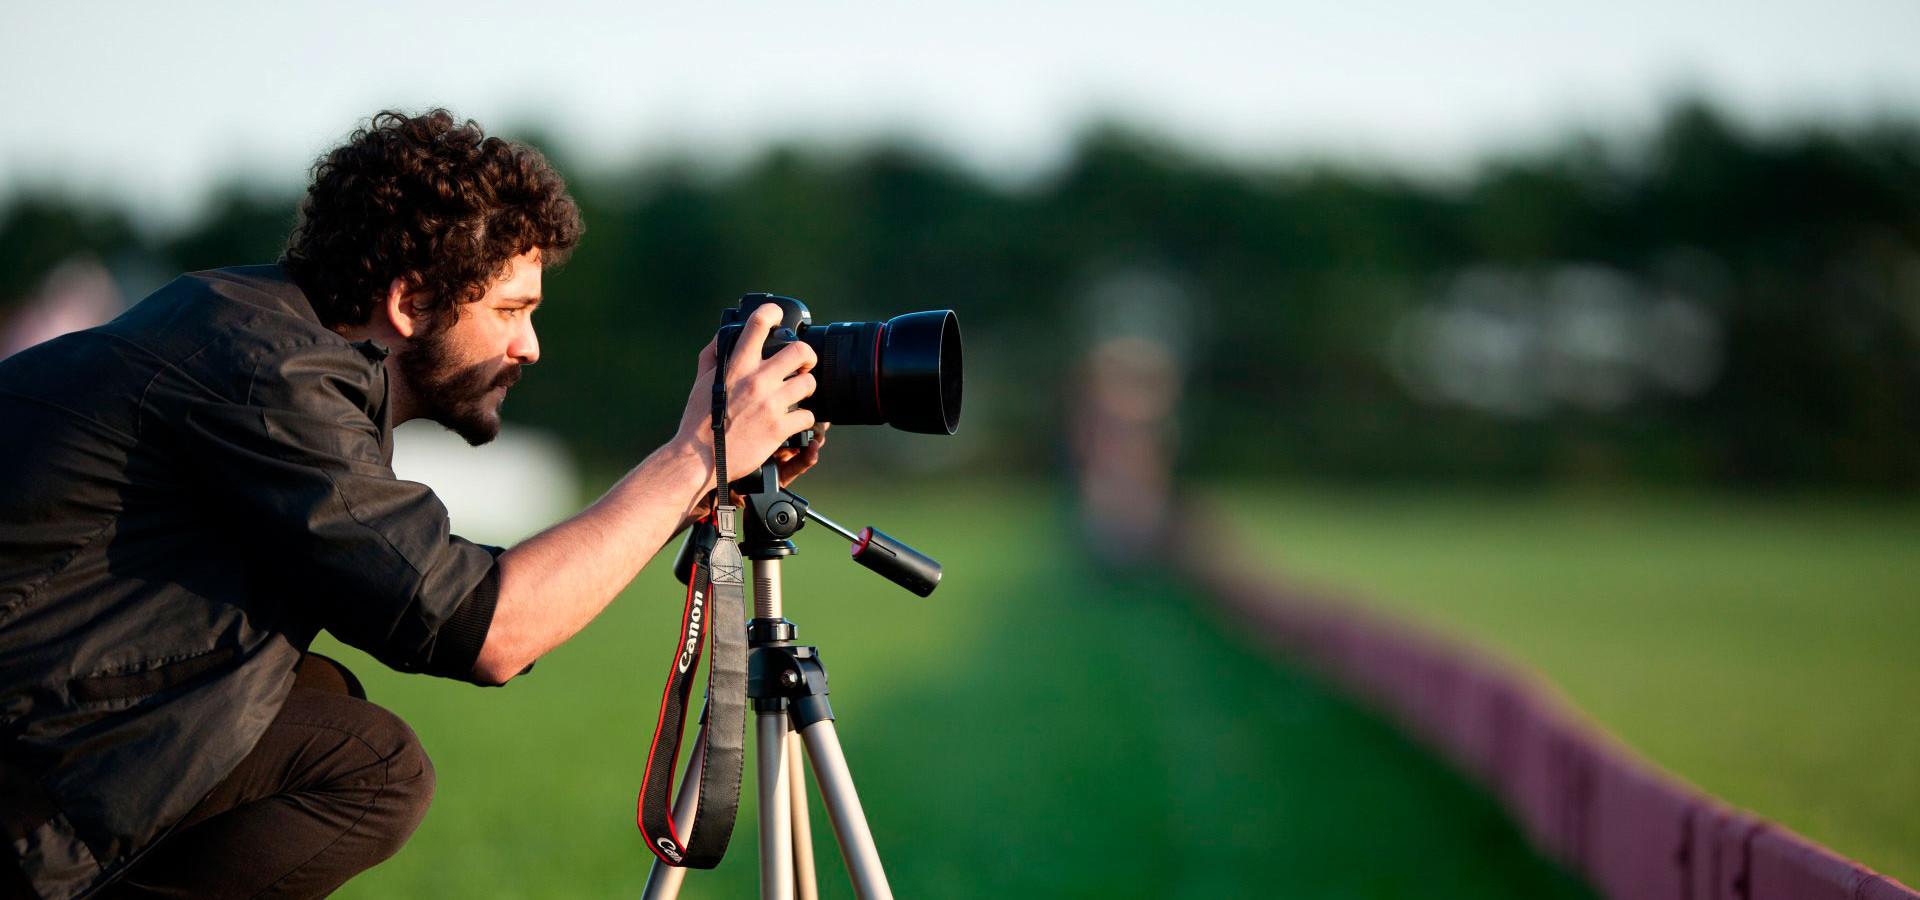 Вопросы для фотографа и видеографа на свадьбу